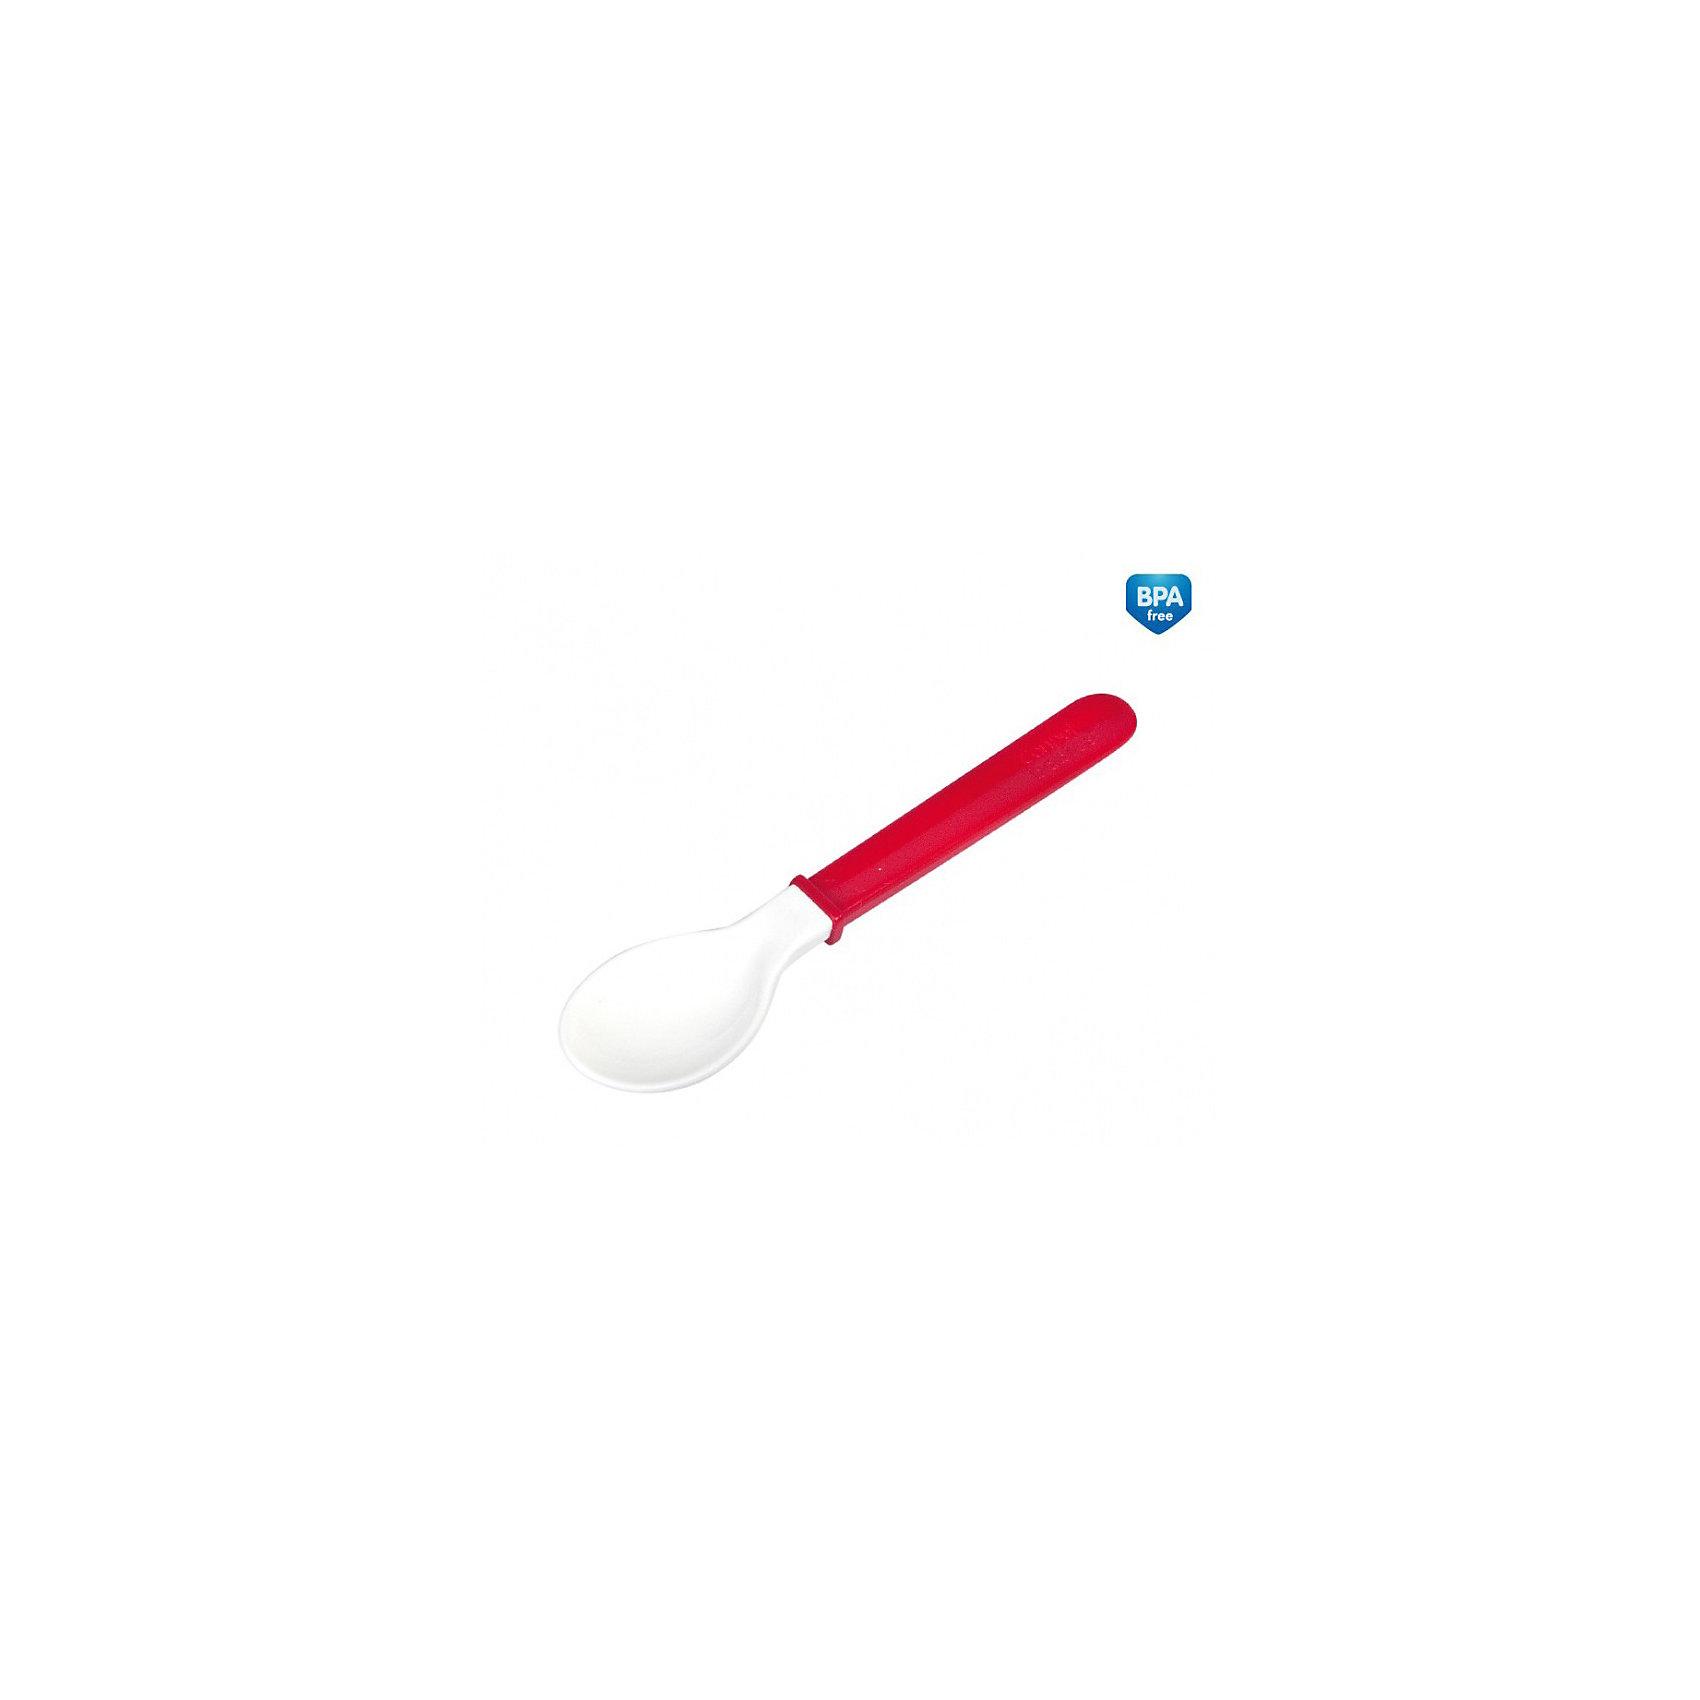 Мягкая ложка, Canpol Babies, красныйСтоловые приборы<br>Мягкая ложка Canpol Babies сделает кормление малышей более приятным.<br>Практичная ложка с мягким силиконовым носиком разработана специально для нежных десен ребенка! Сама ложка легко гнет, что позволяет достать еду из самых труднодоступных уголков баночек и бутылочек. Ее длинная ручка очень удобна для взрослых. <br>Дополнительная информация:<br>- Изготовлена из безопасных материалов.<br>- Материал: пластмасса.<br>- Не содержит ПВХ.<br>Внимание! Со временем белая часть ложки может окраситься. <br>Не подходит для применения в микроволновой печи! <br>Мягкую ложку Canpol Babies можно купить в нашем интернет-магазине.<br><br>Ширина мм: 20<br>Глубина мм: 120<br>Высота мм: 220<br>Вес г: 31<br>Возраст от месяцев: 6<br>Возраст до месяцев: 36<br>Пол: Унисекс<br>Возраст: Детский<br>SKU: 3893824